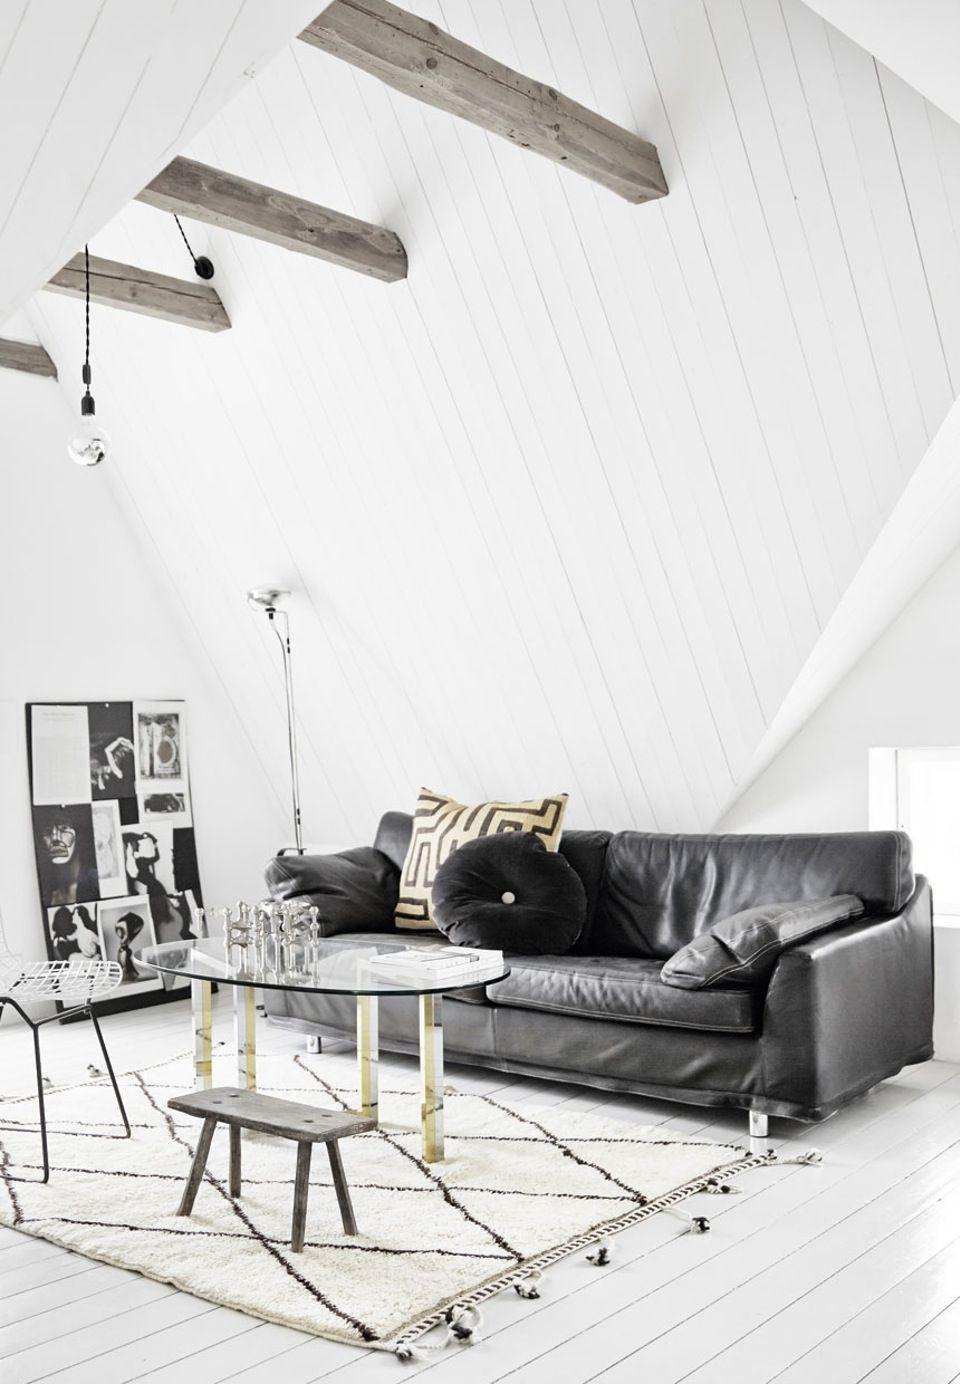 wooden ebams, pattern rug, white floor, nordic decor, nagel candlesticks